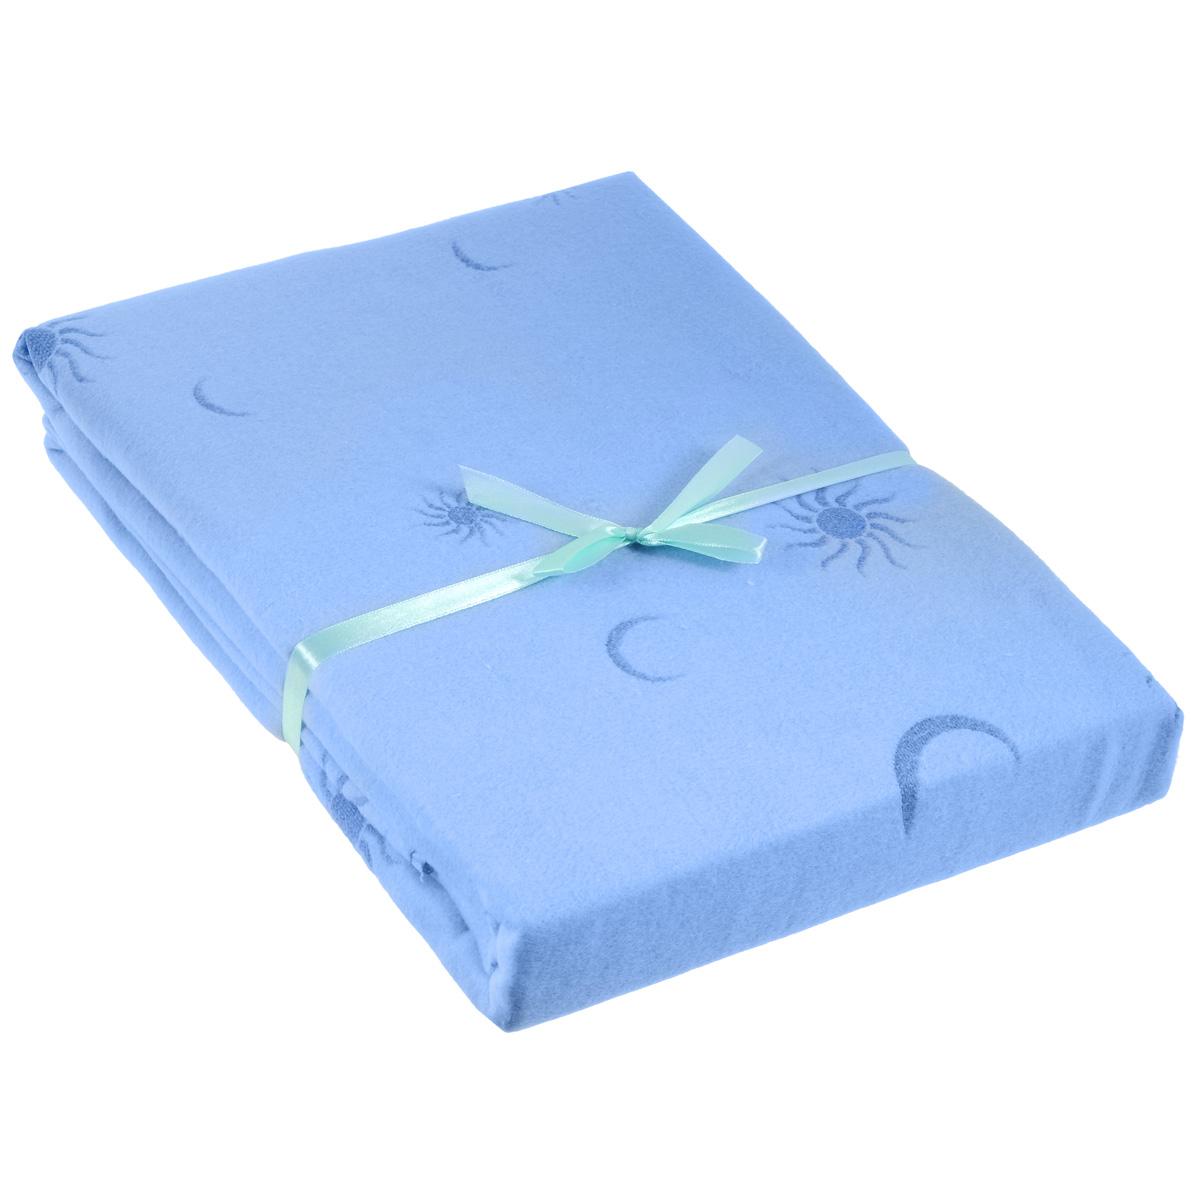 Одеяло детское Baby Nice Луна, байковое, цвет: голубой, 100 см x 140 смD311511